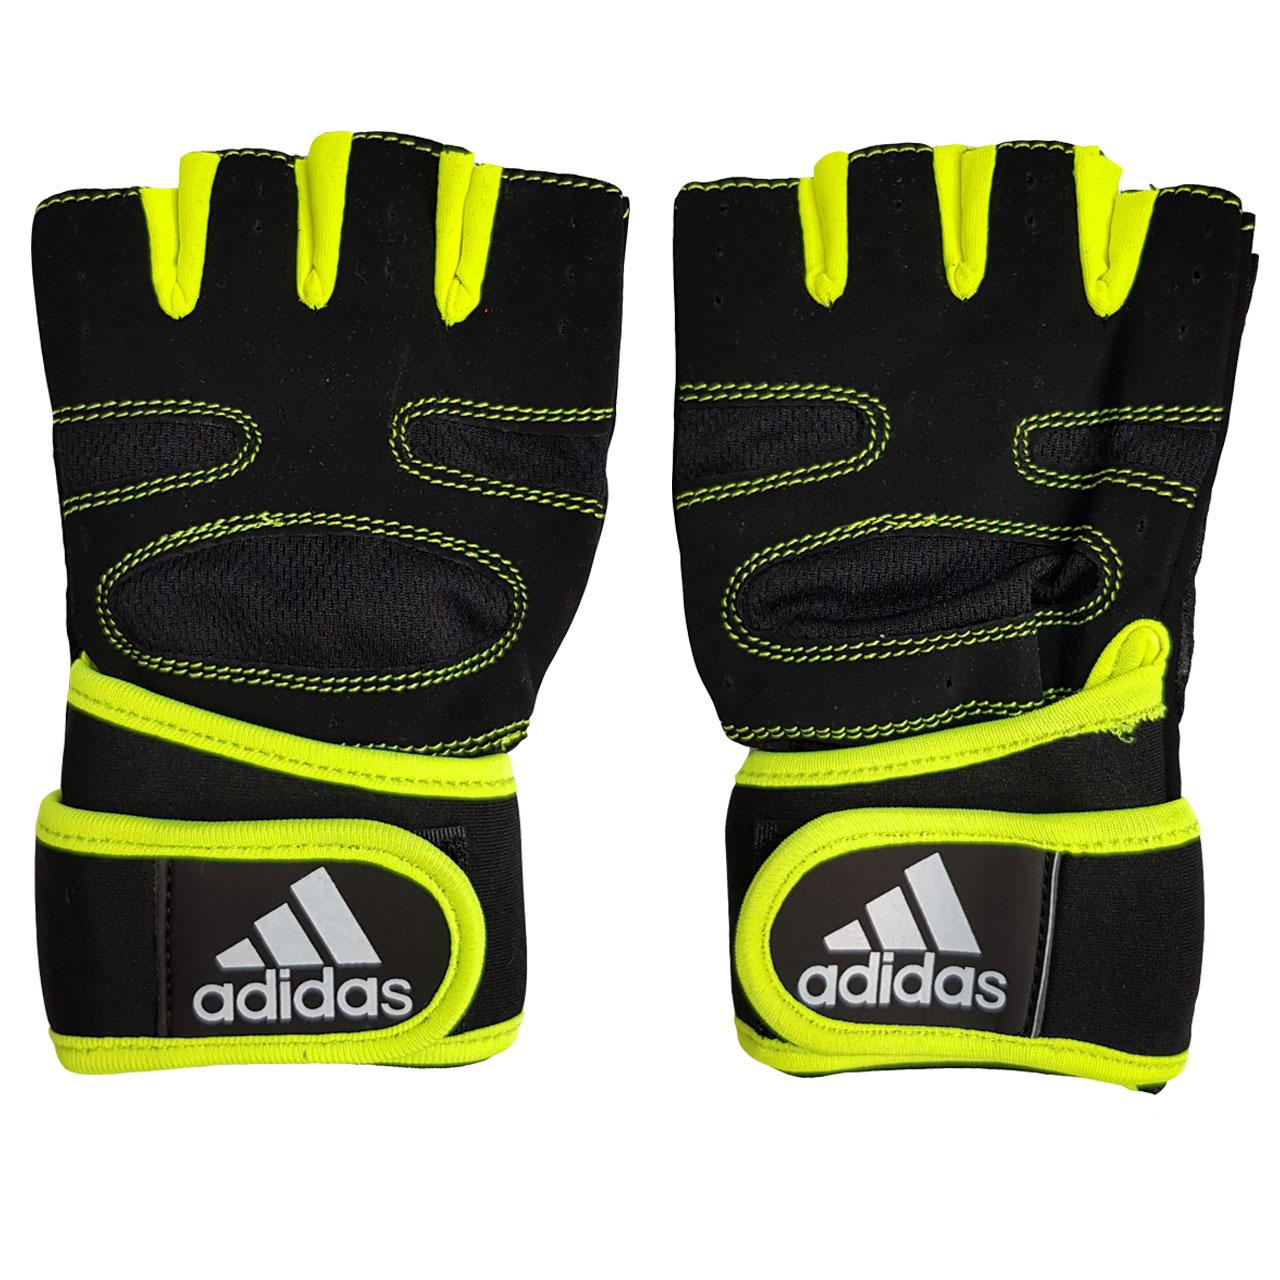 دستکش ورزشی کد ADM01 thumb